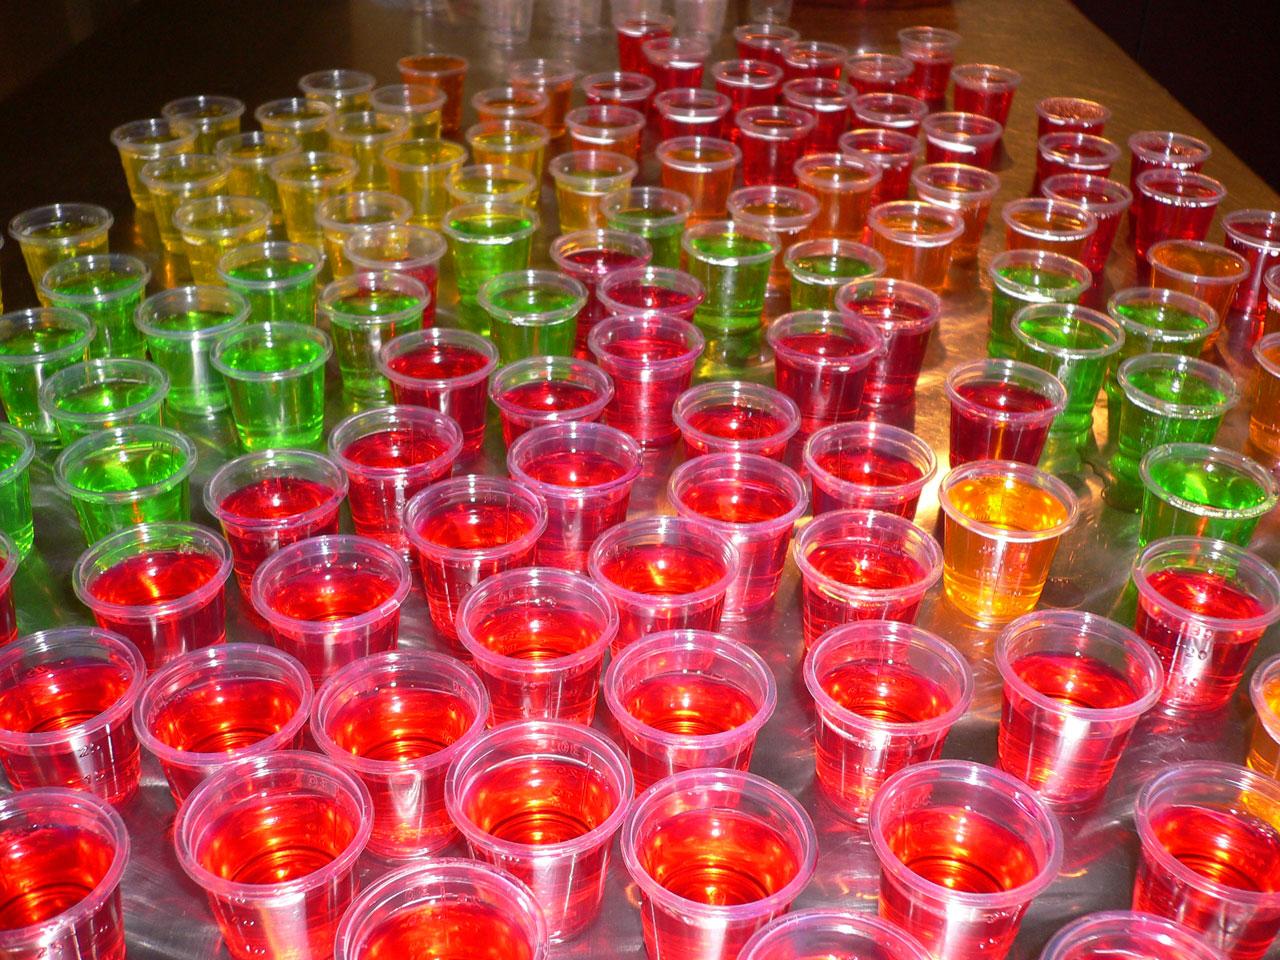 Лечение алкоголизм лекарствами наркомания лечение метадоном